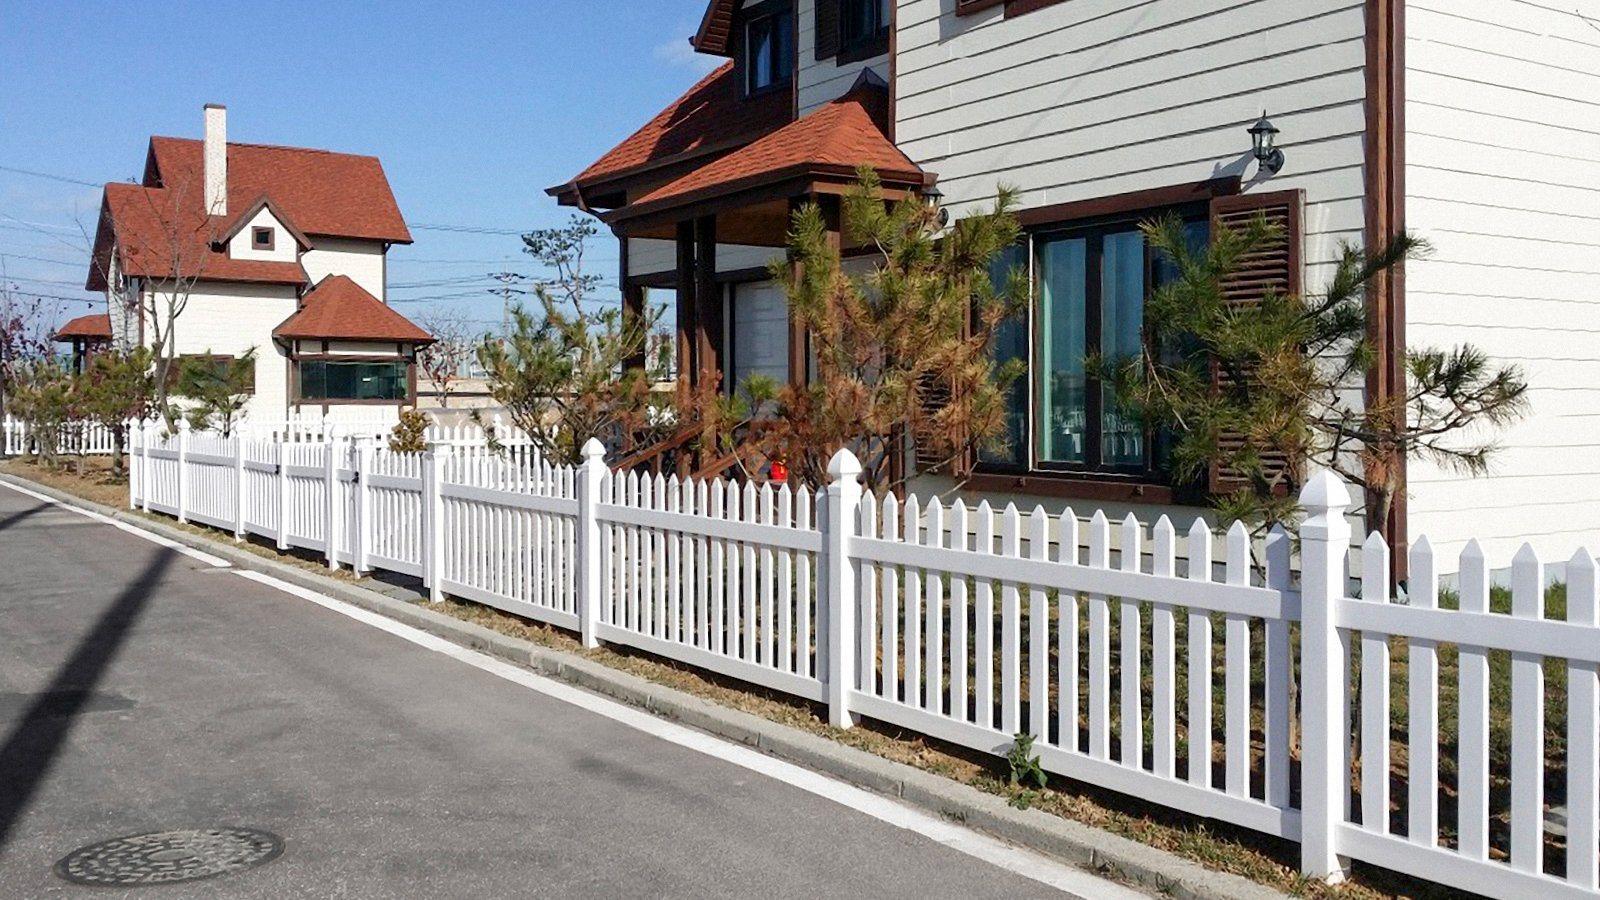 ARVOTEC Gartenzaun »Grado«, gerade, LxH: 180x100 cm | Garten > Zäune und Sichtschutz | Arvotec